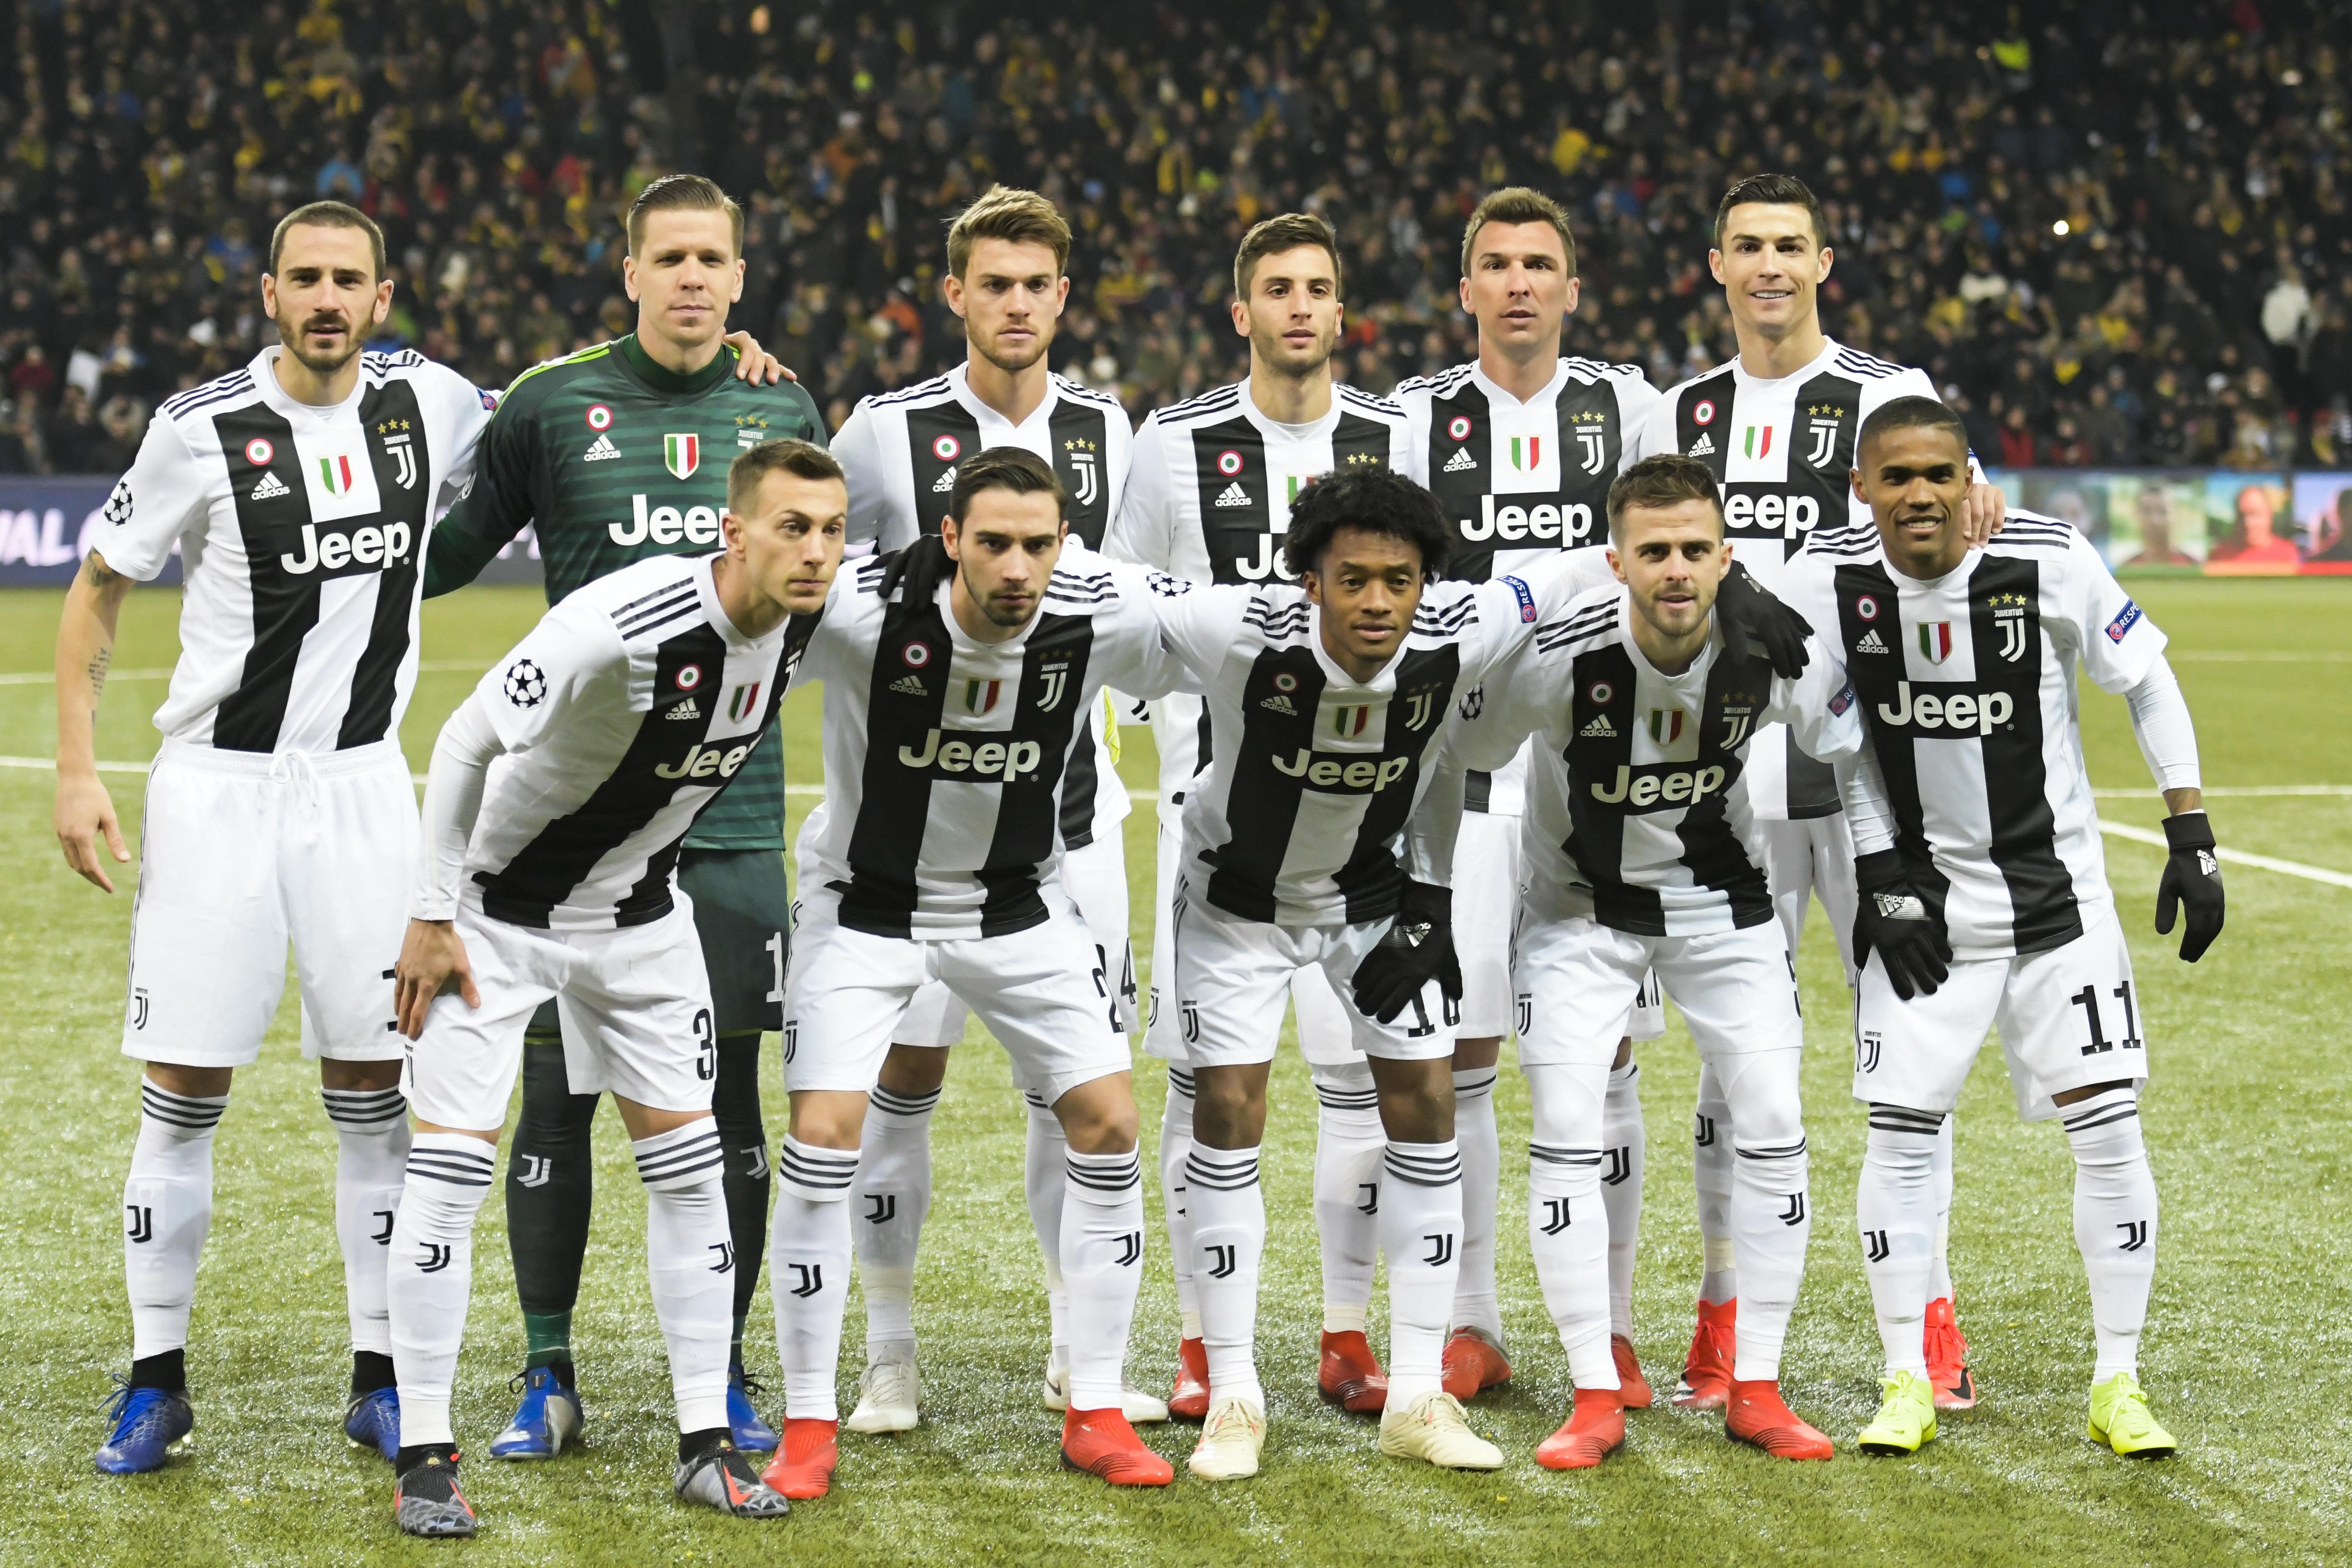 足球--欧冠联赛:尤文图斯不敌伯尔尼年轻人